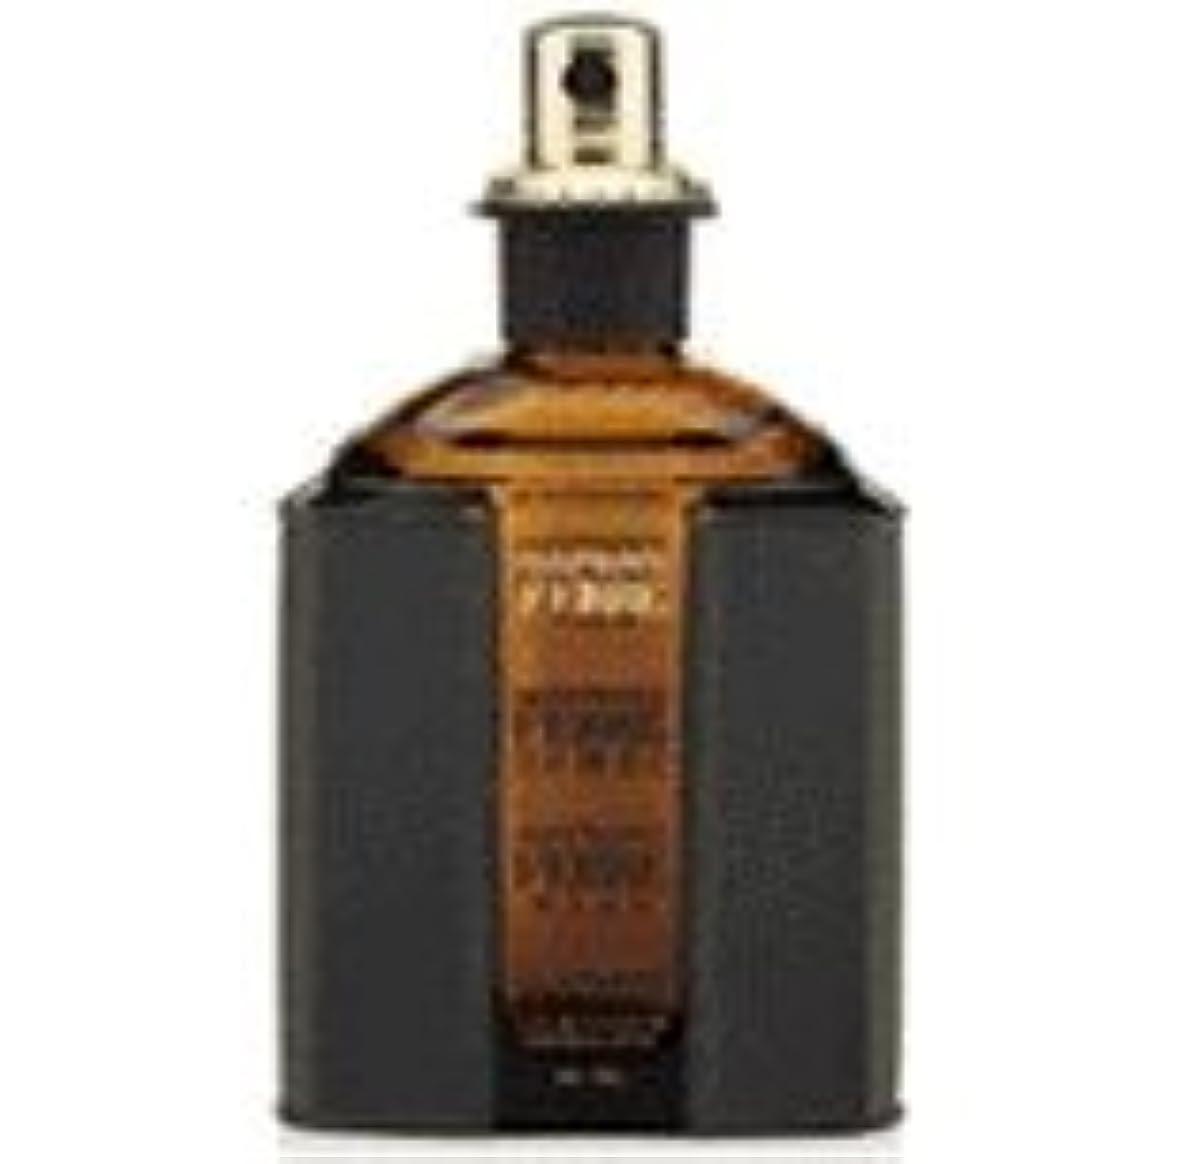 イライラするアミューズメントシャトルFerre (フェレー) 4.2 oz (126 ml) EDT Spray by Gianfranco Ferre for Men